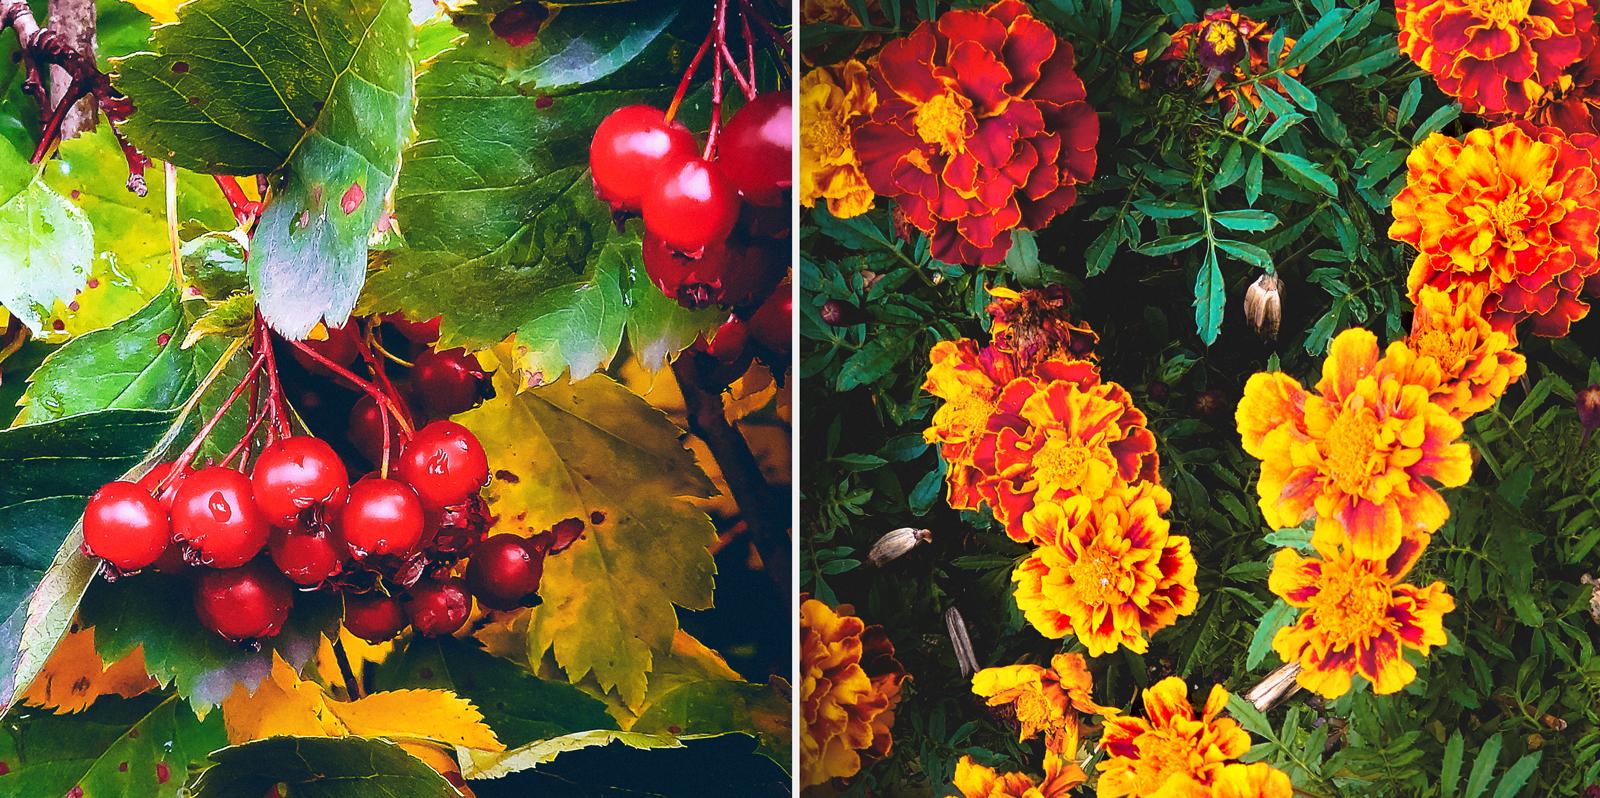 Неожиданно. Каски осени: красный - жёлтый - зелёный = страсть - оптимизм -